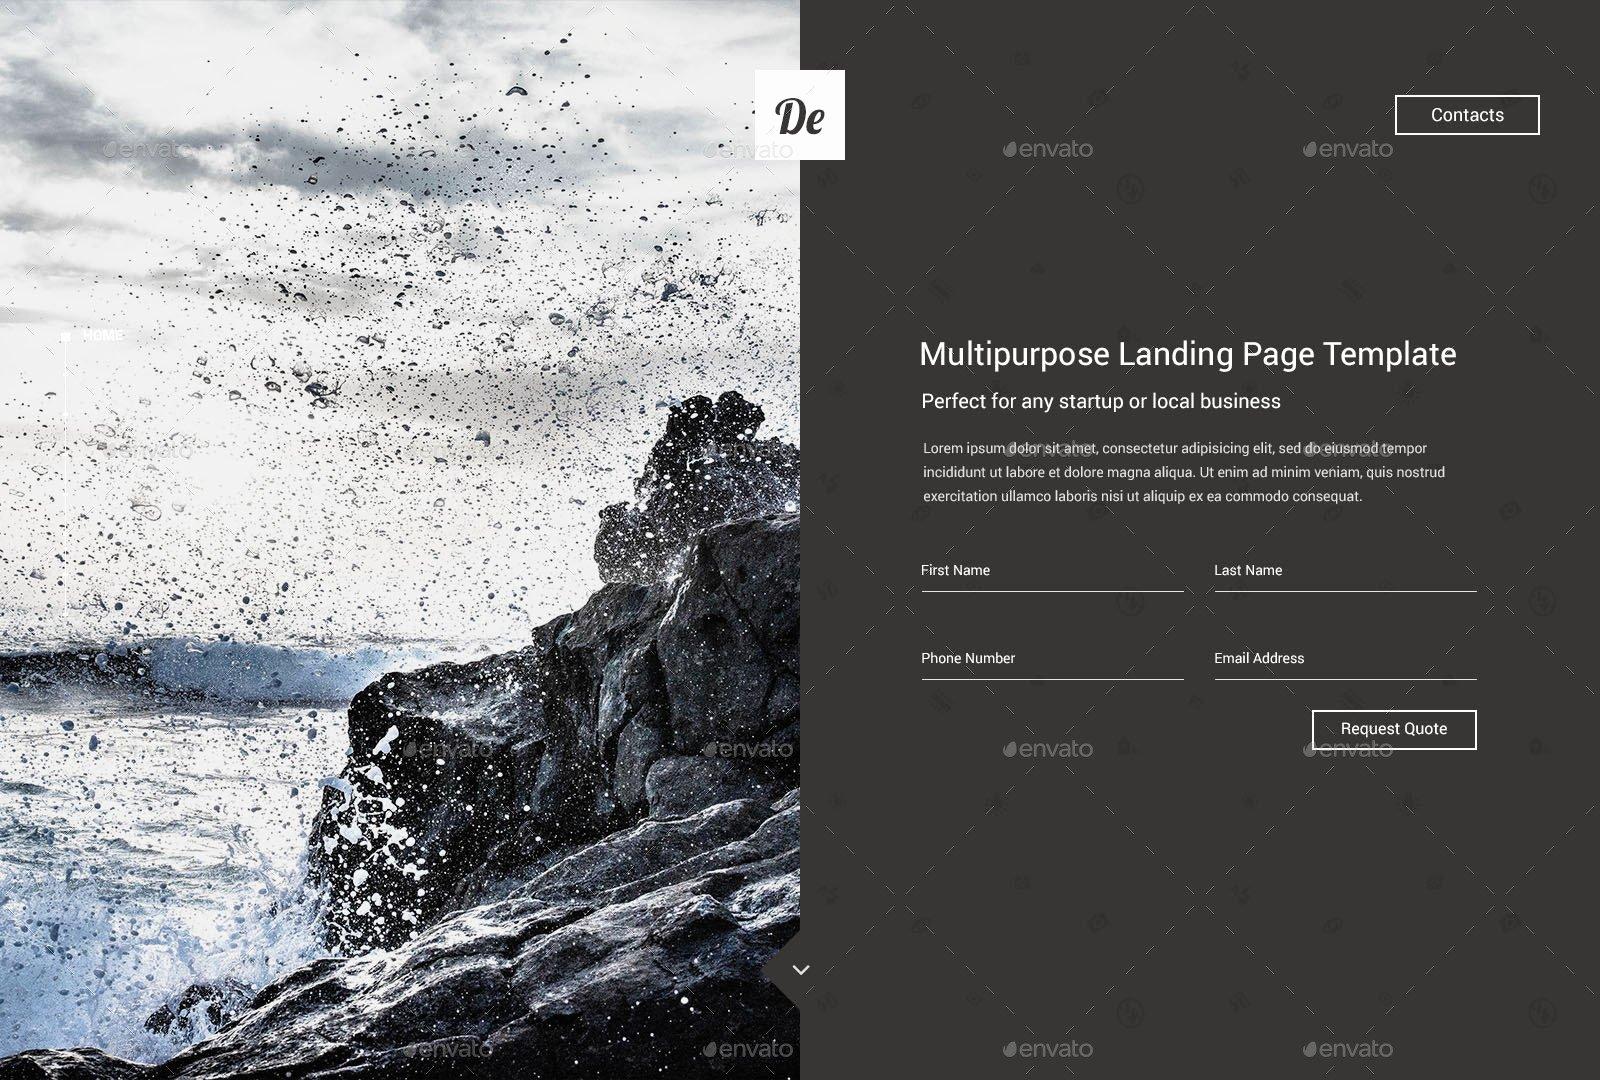 De Landing Ing soon Page Template by Sandrine In